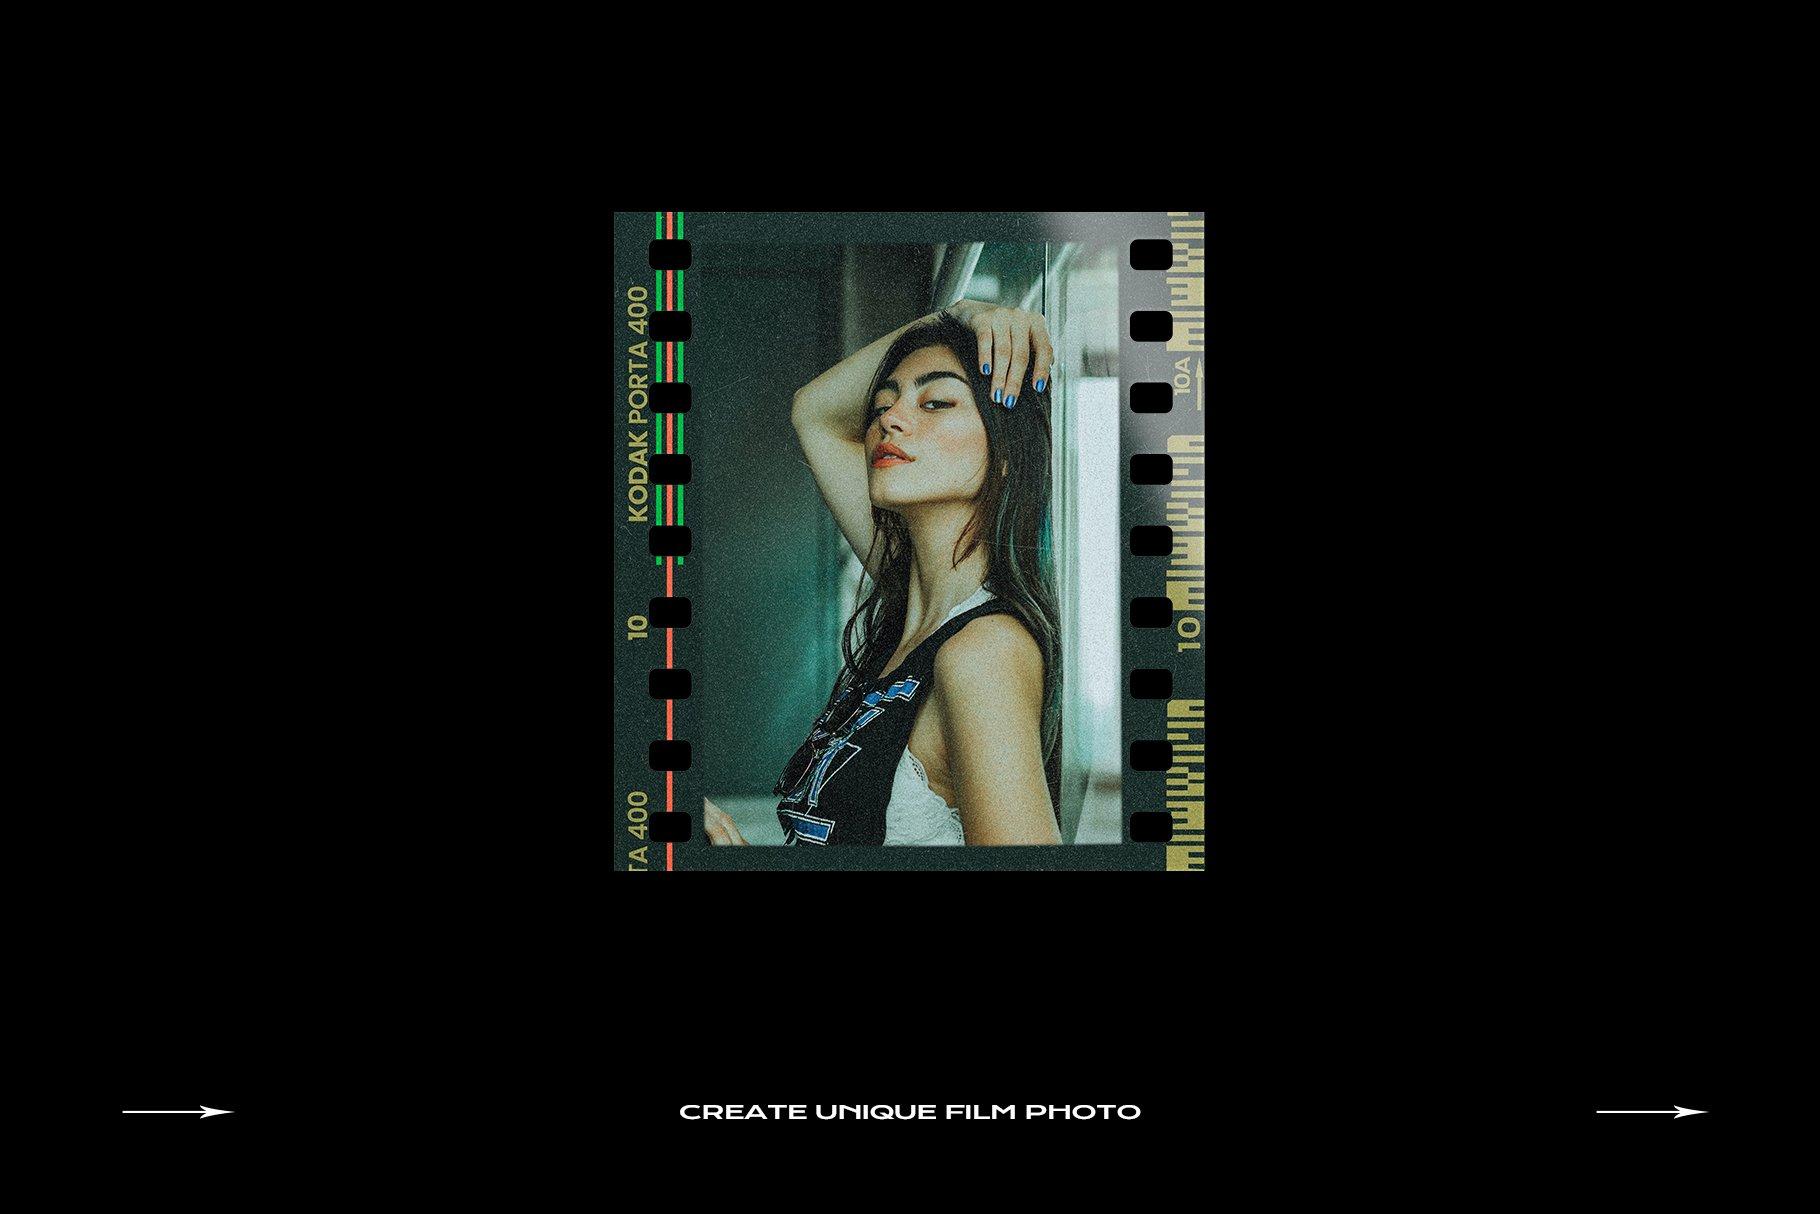 120款复古质感胶卷底片相片边框特效滤镜样机模板 Film Frame Mockup Template Bundle插图(26)